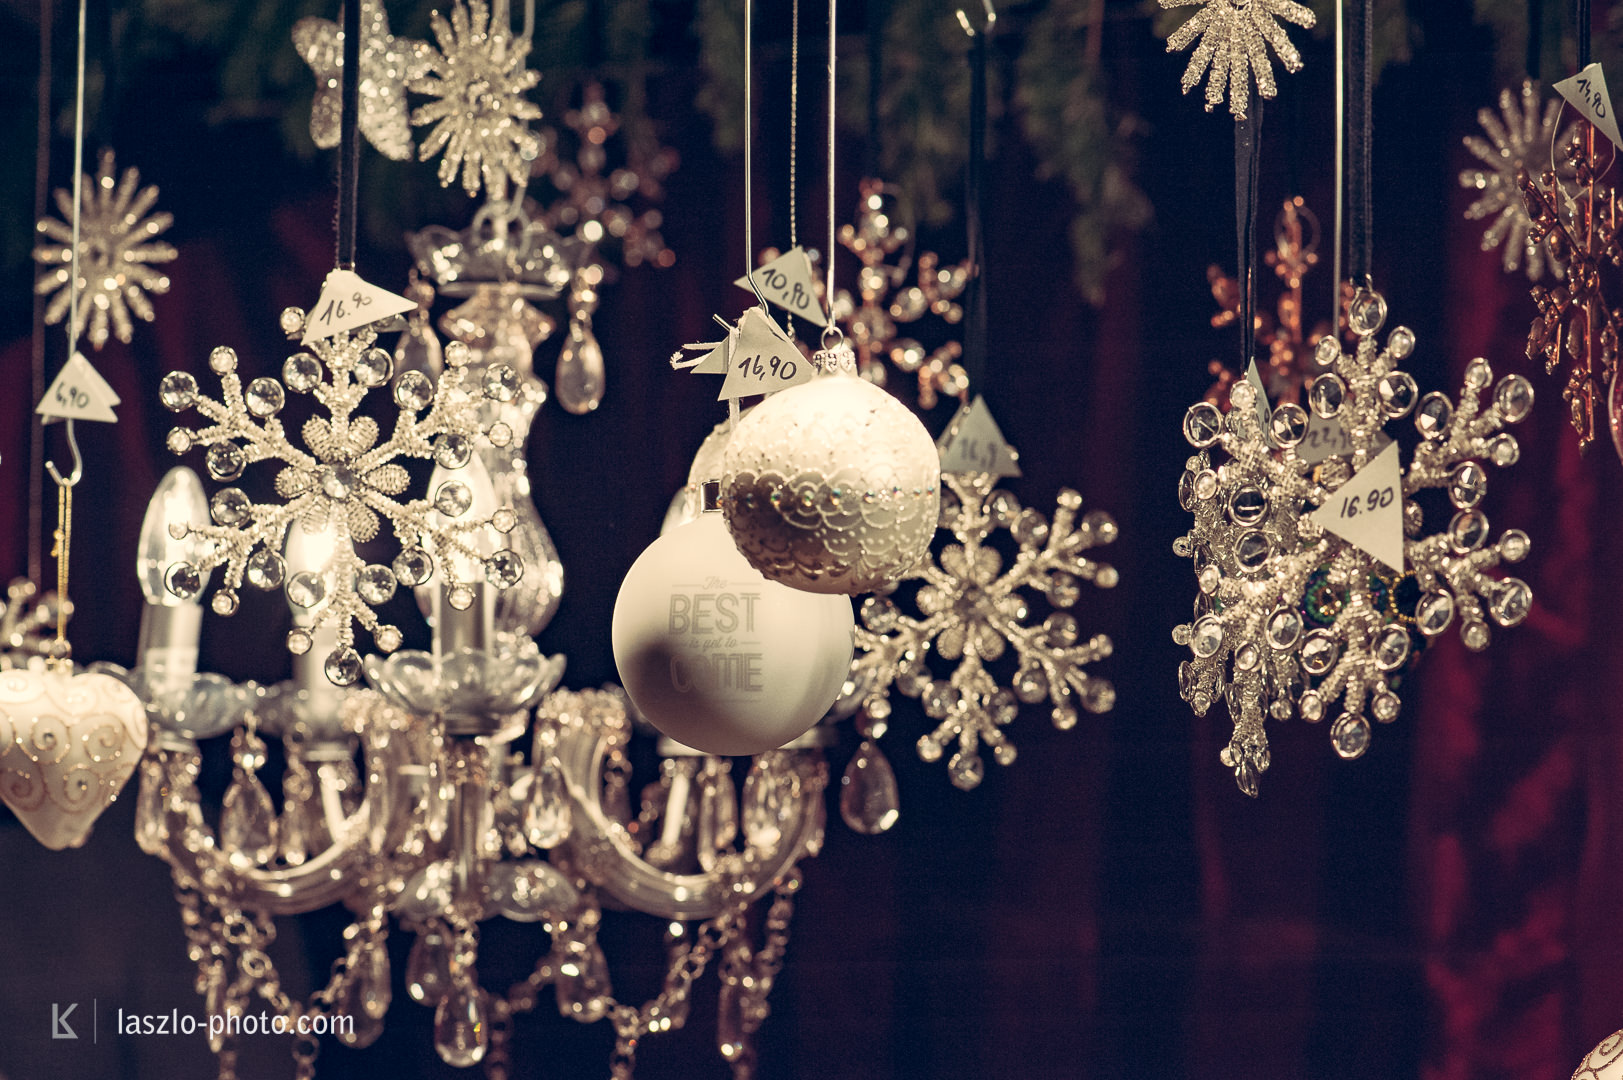 20161209_Weihnachten_Christkindlmarkt-4779